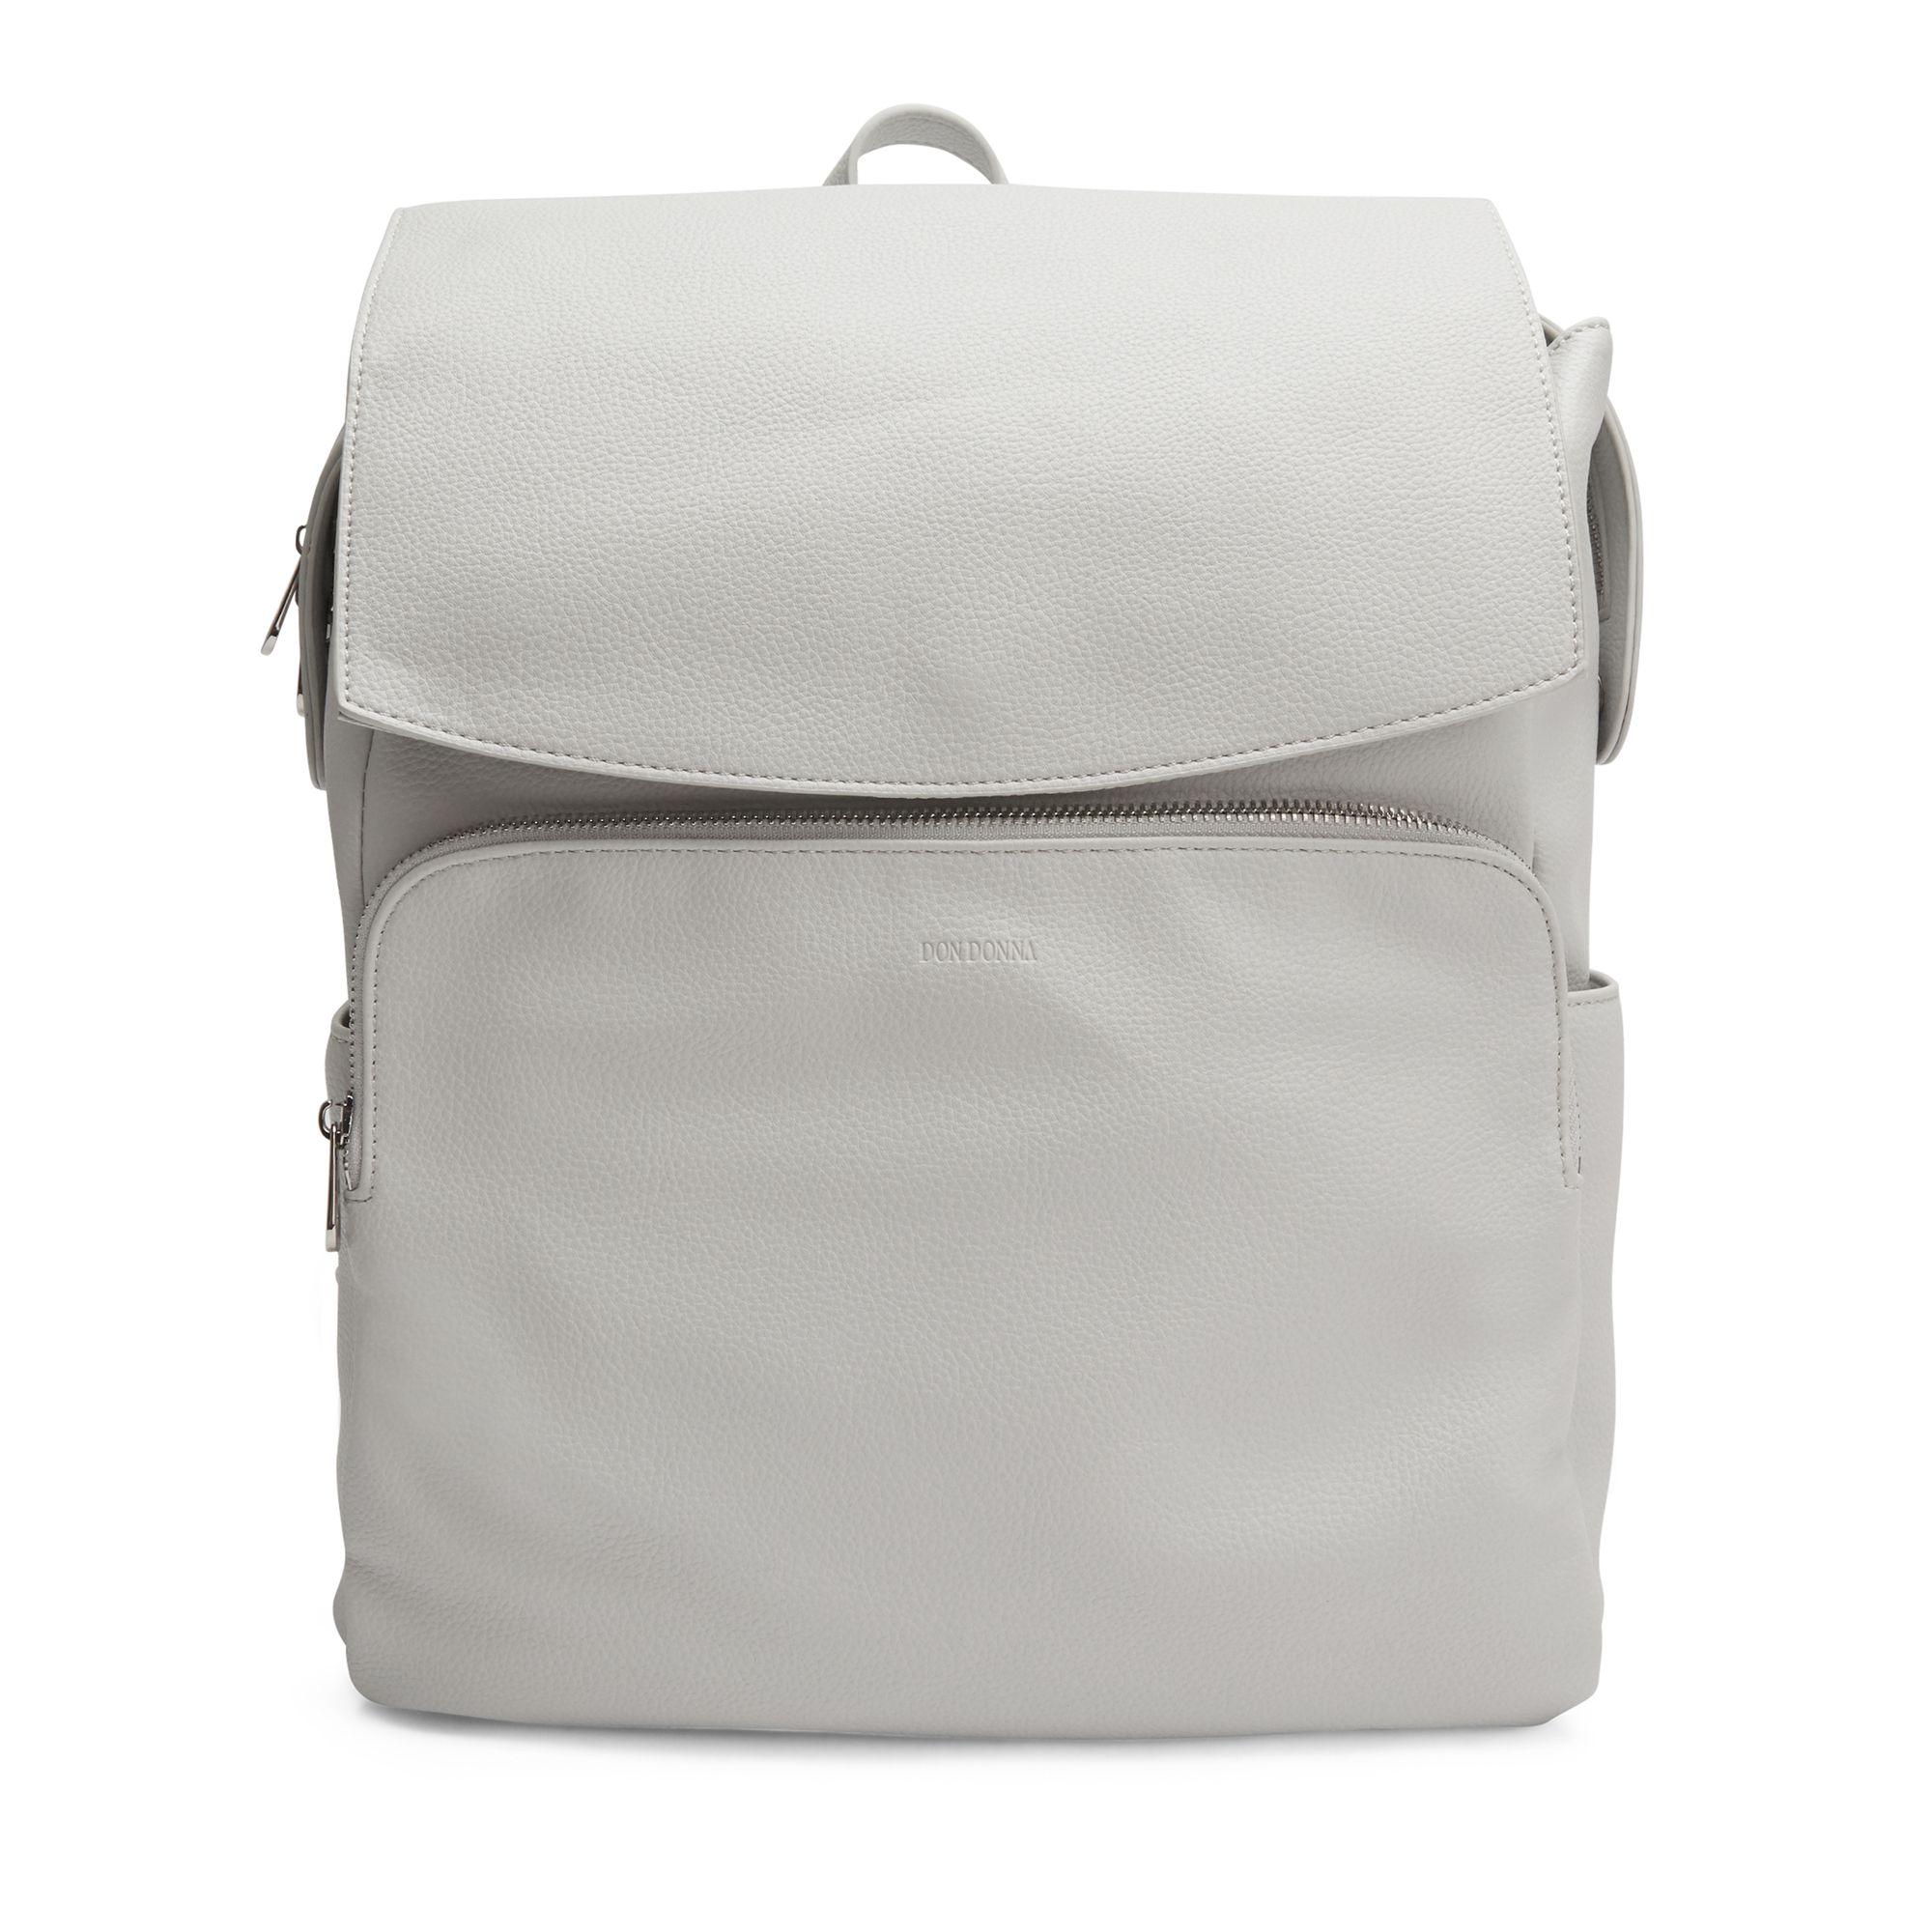 Don Donna Josefine ryggsäck med datorfack, Ljusgrå